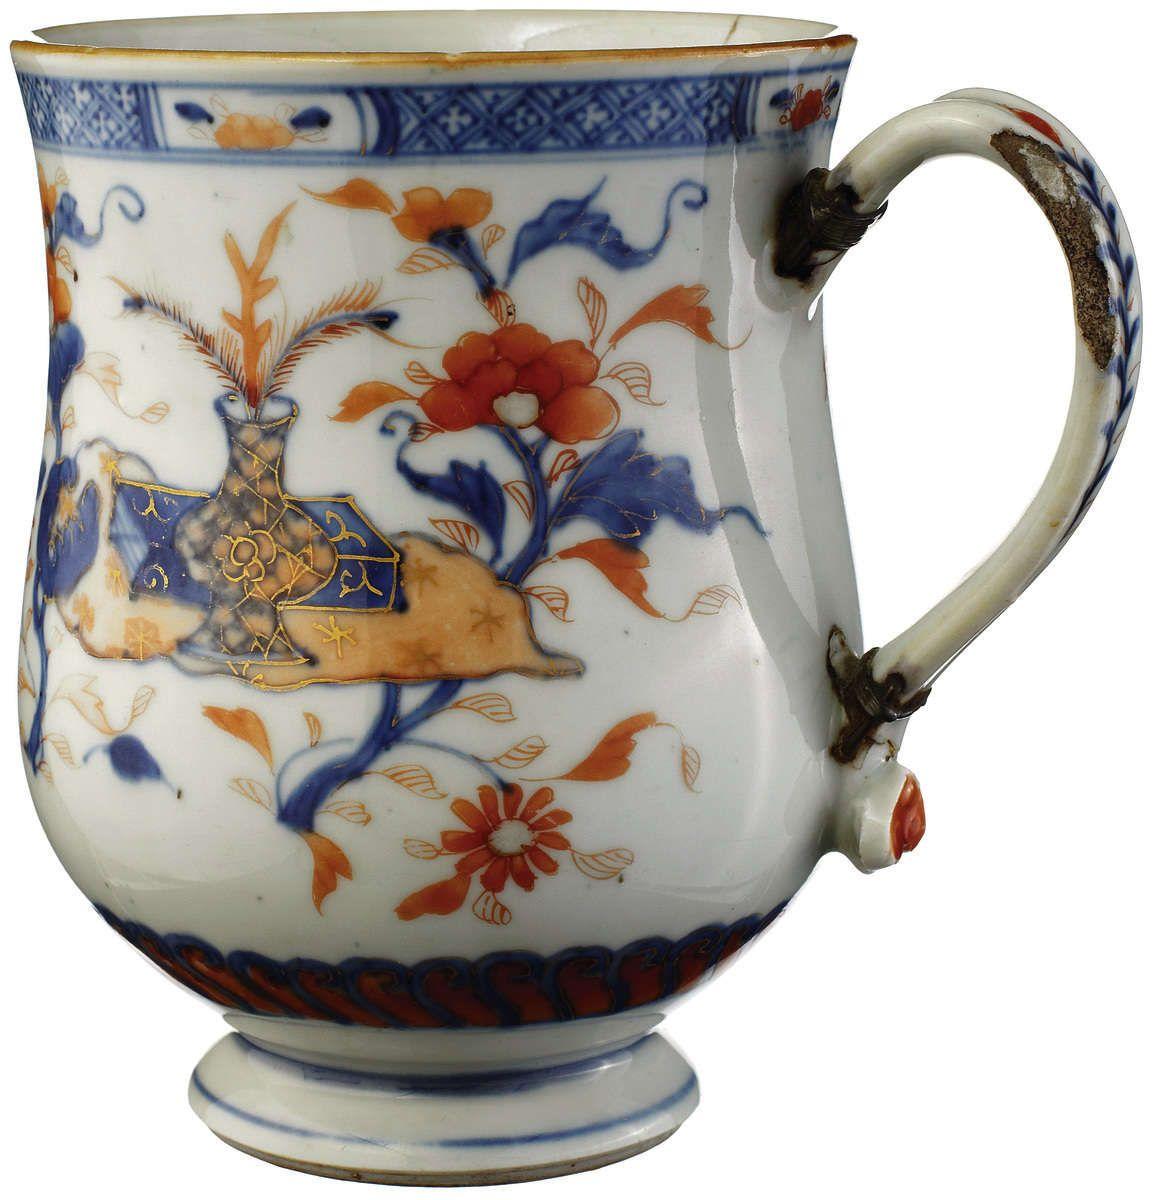 China Kangxi (1662-1722). Bemalt in der Imari-Palette mit Antiquitäten und Blumen. Henkel mit alter Reparatur, Haarriss. Höhe 16 cm